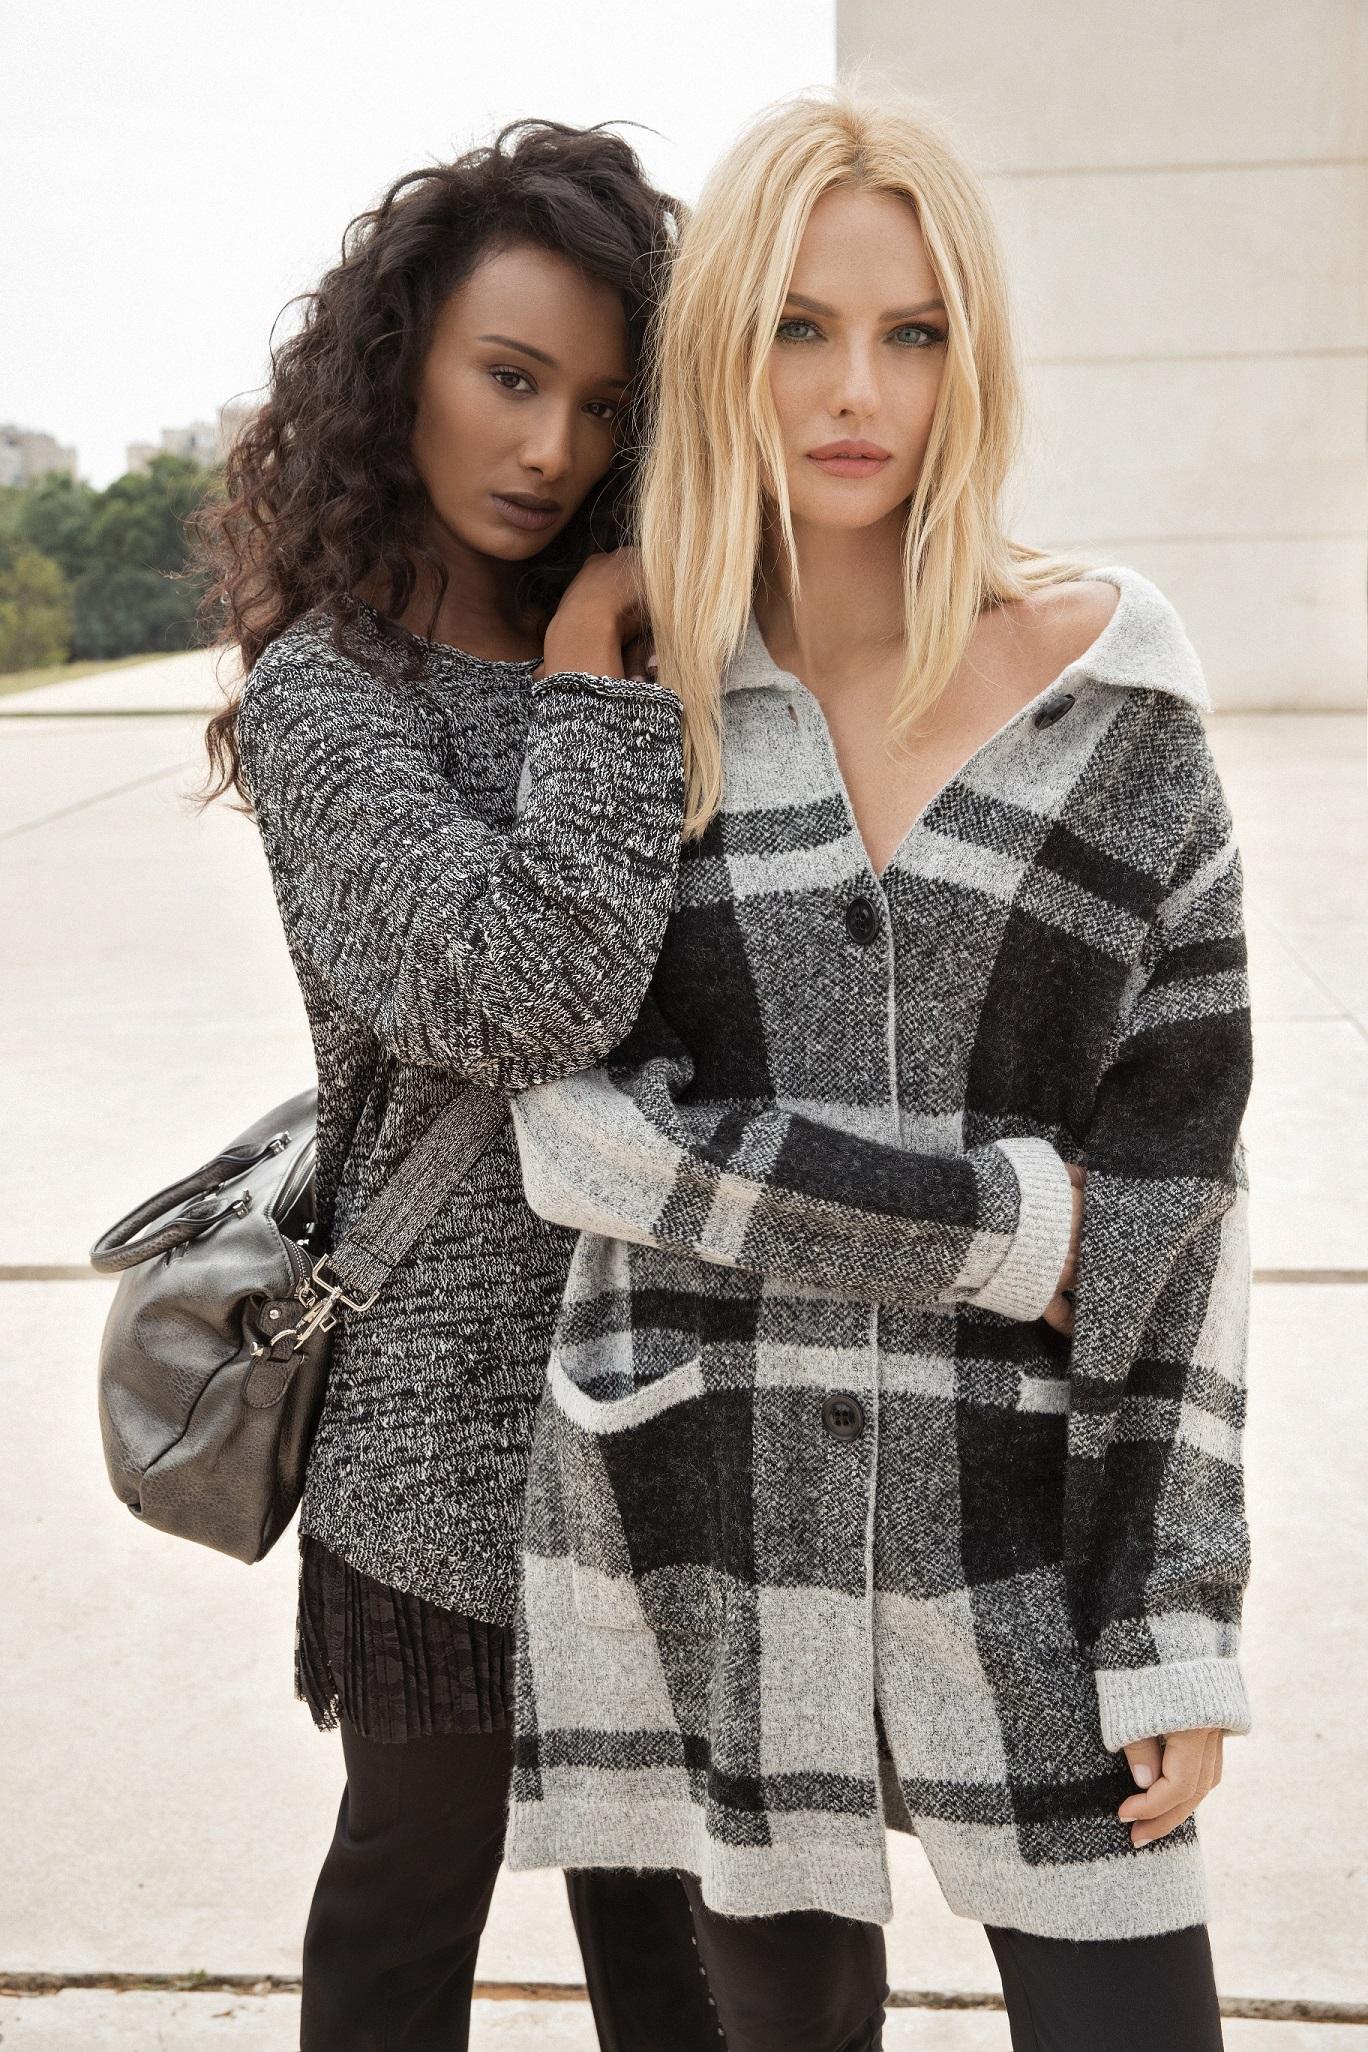 c7ace39b90d Эта зима будет модной  куртки и пальто со скидкой до 50% в Crazy ...